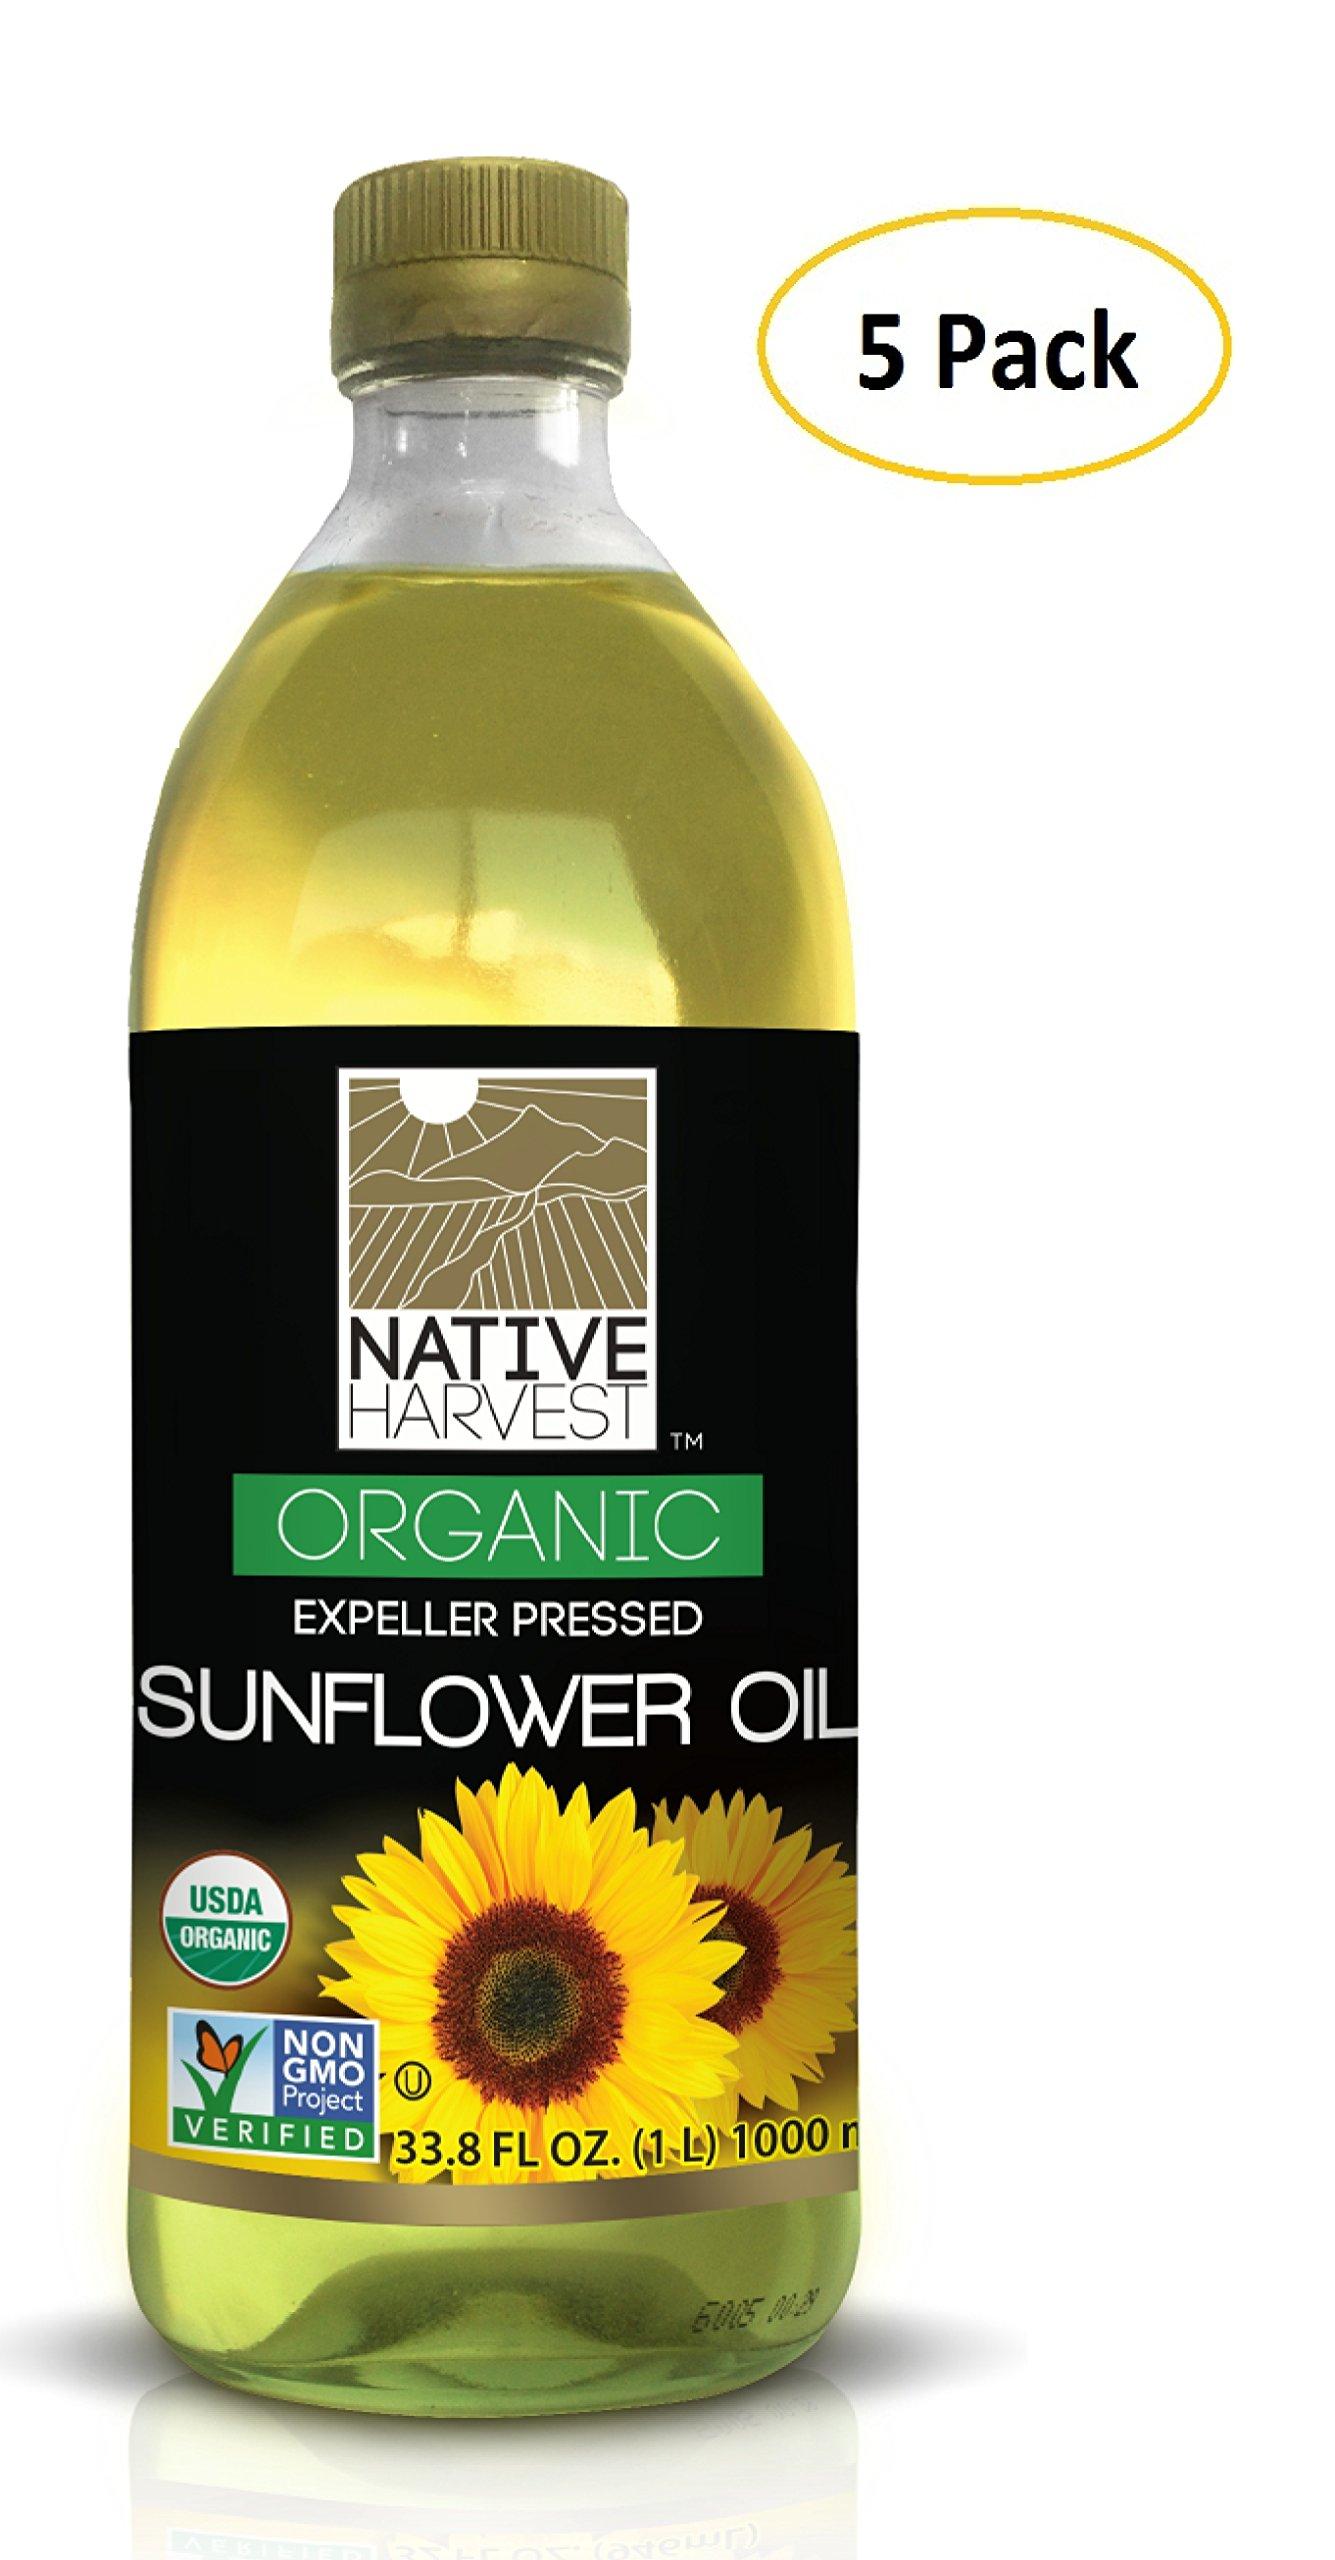 Native Harvest Organic Non-GMO Naturally Expeller Pressed Sunflower Oil, 1 Litre (33.8 FL OZ) 5 Packs